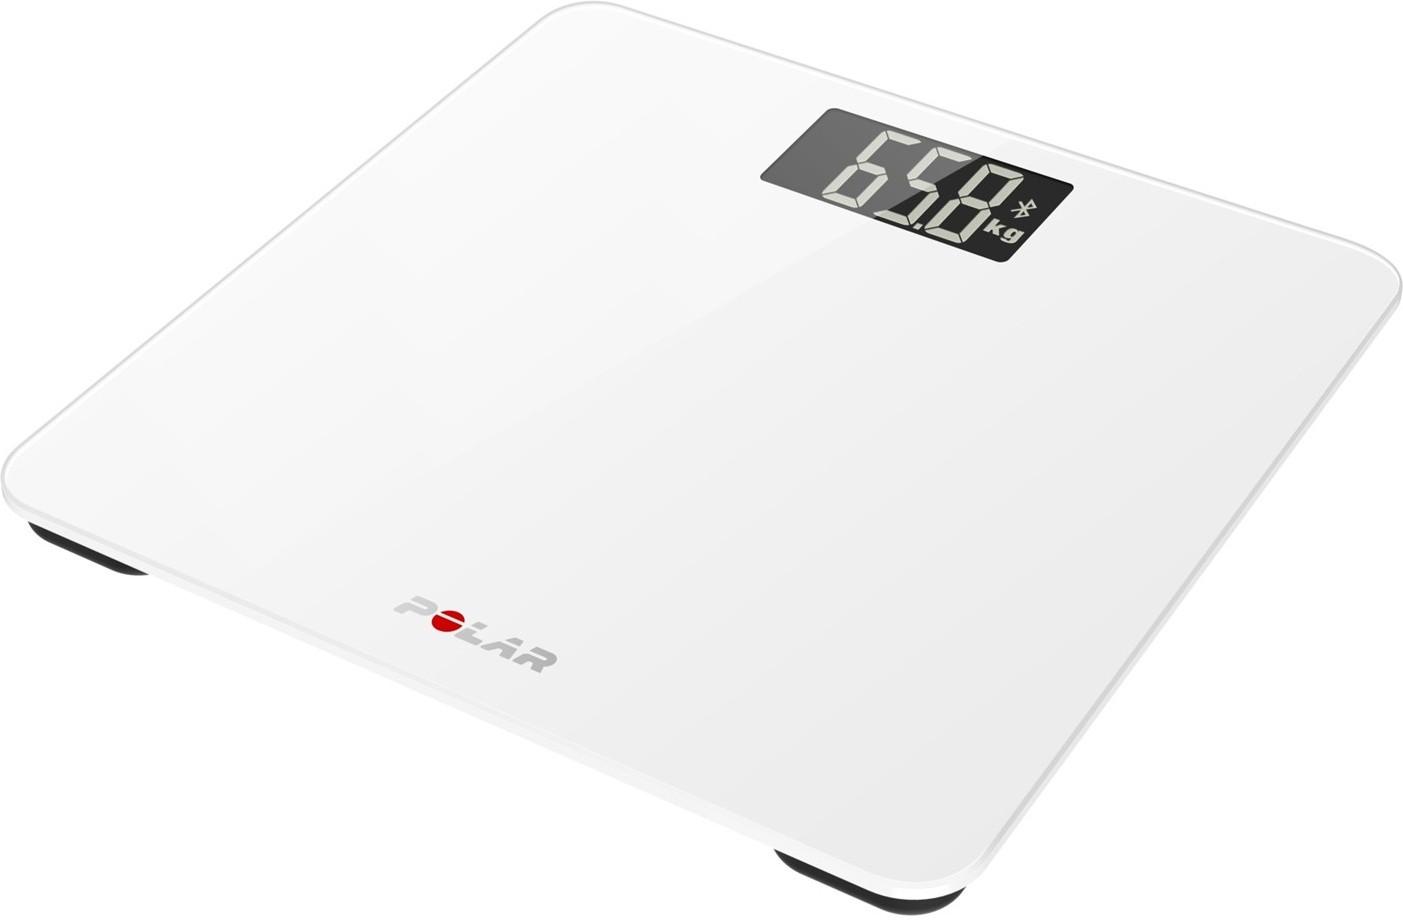 Osobní váha s měřením tuku POLAR BALANCE bílá